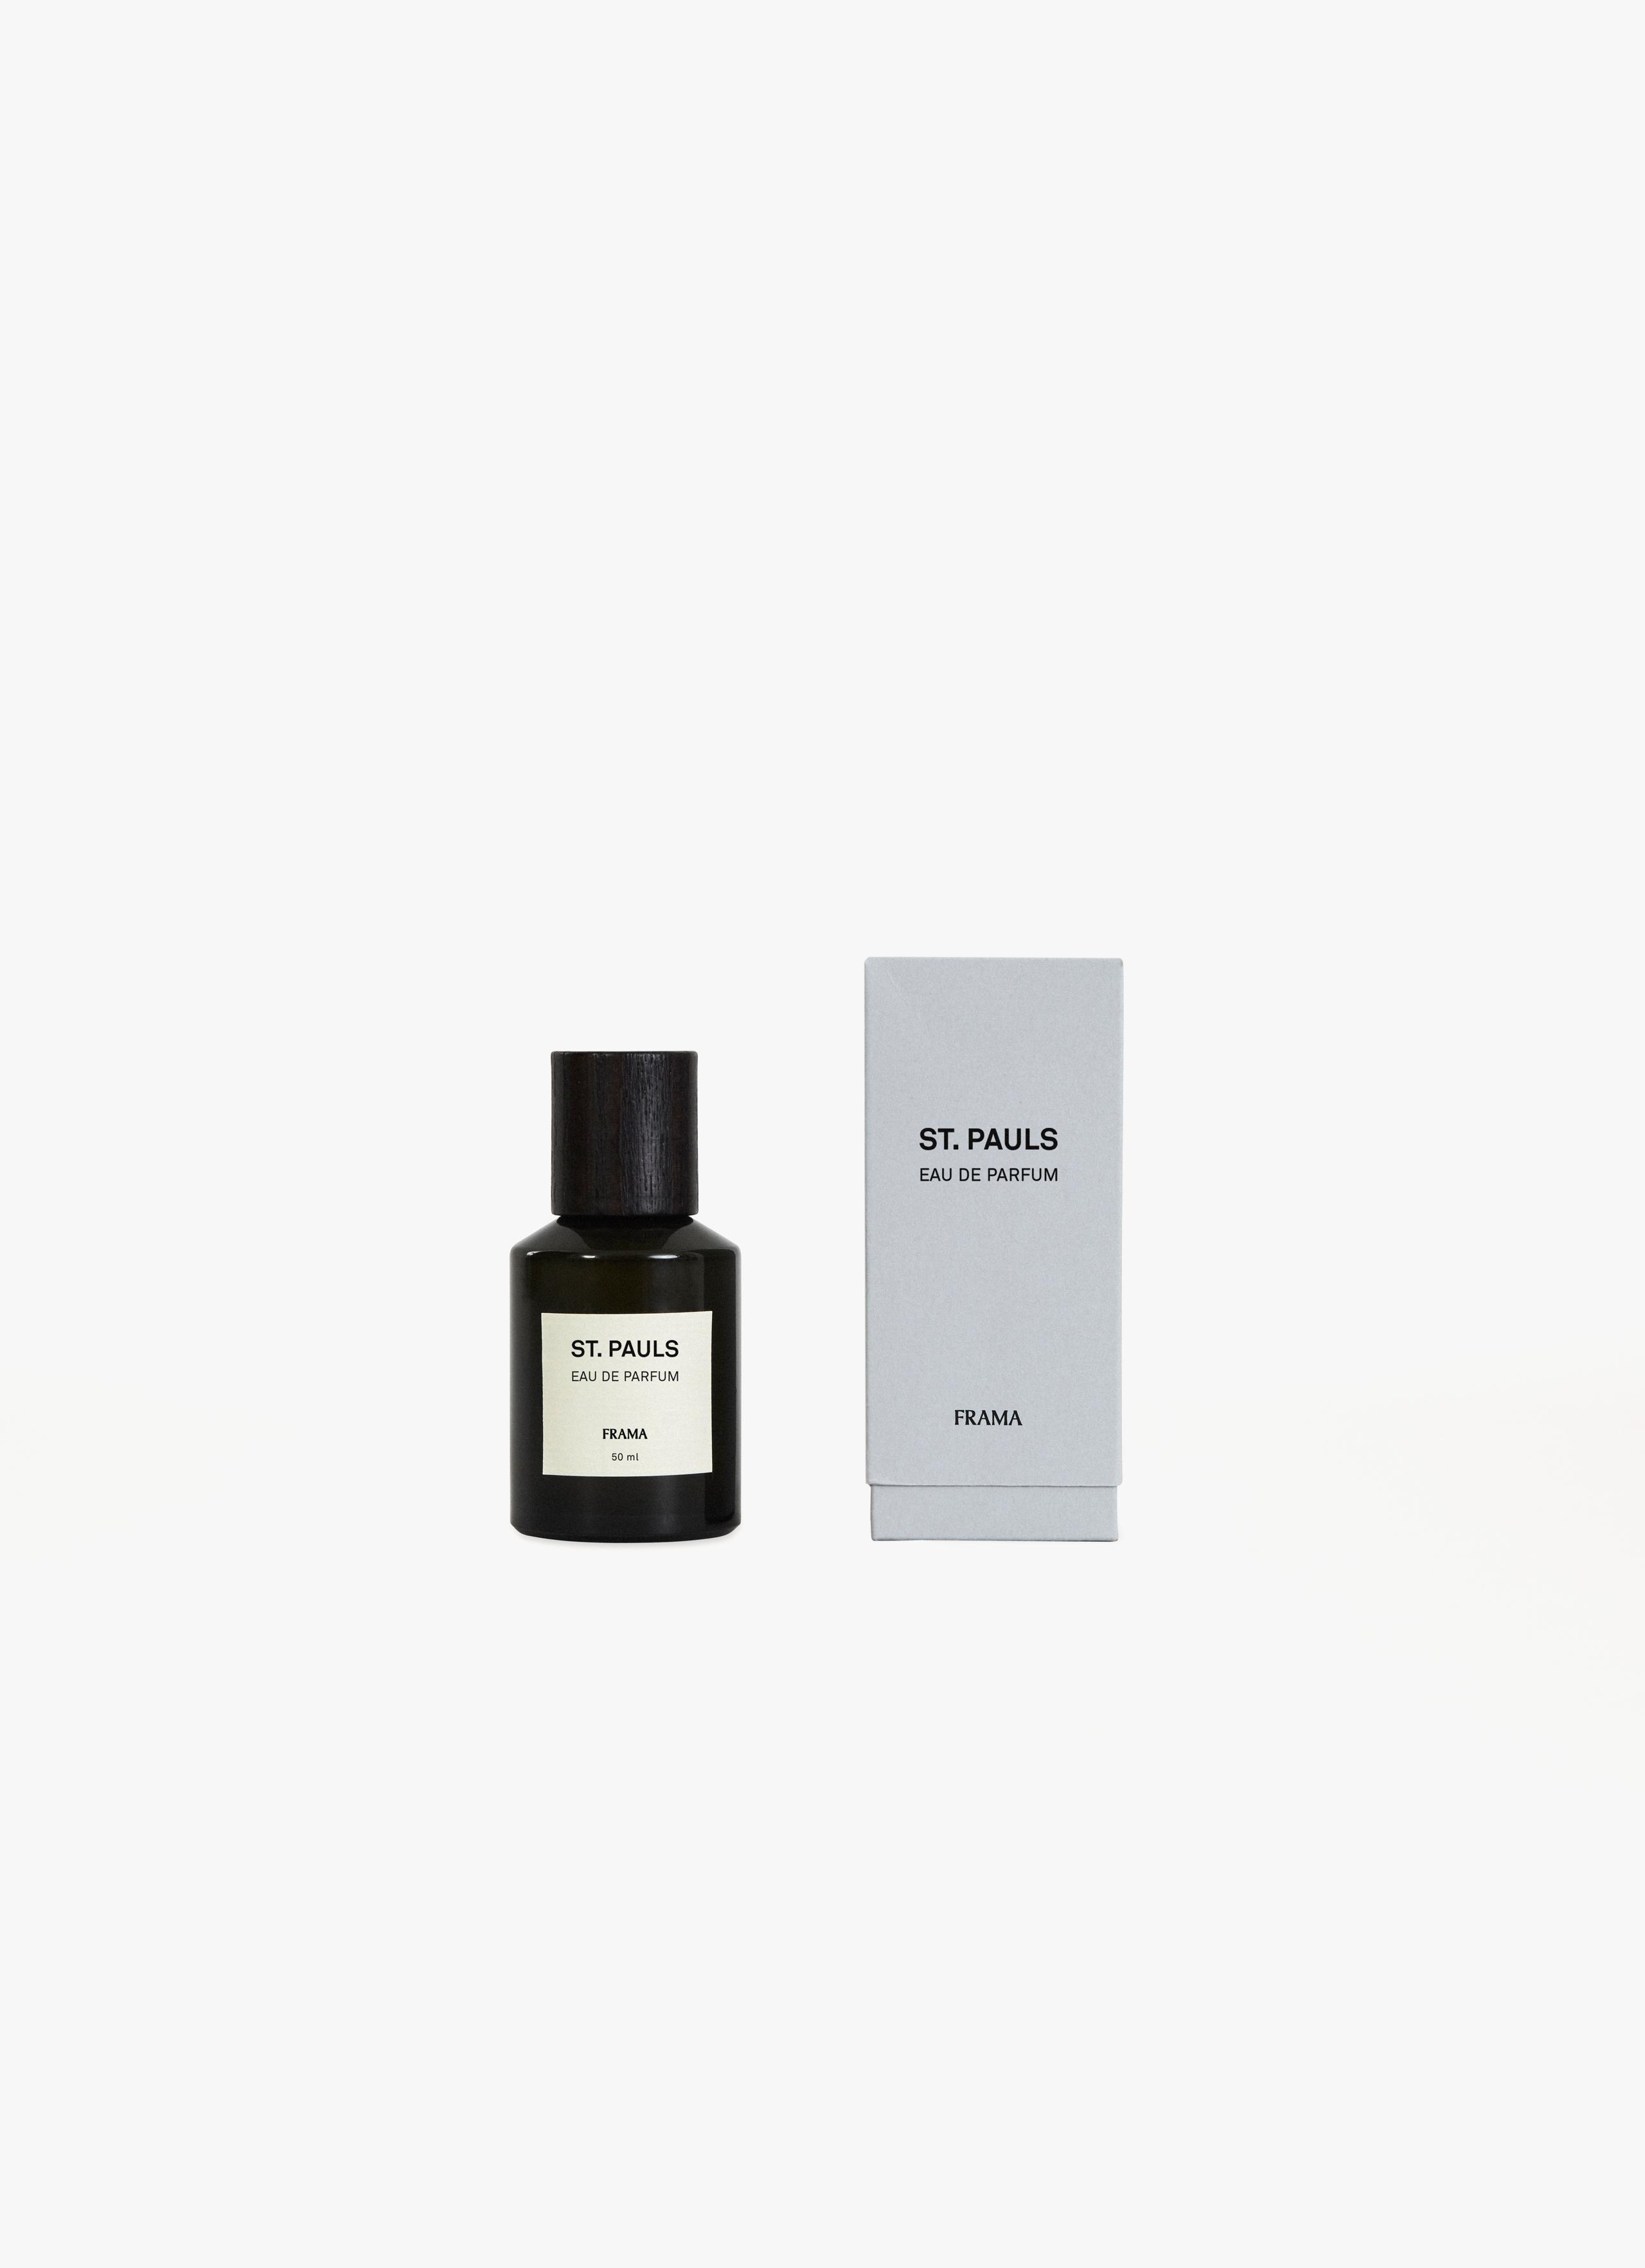 Frama - St. Pauls - Eau de Parfum